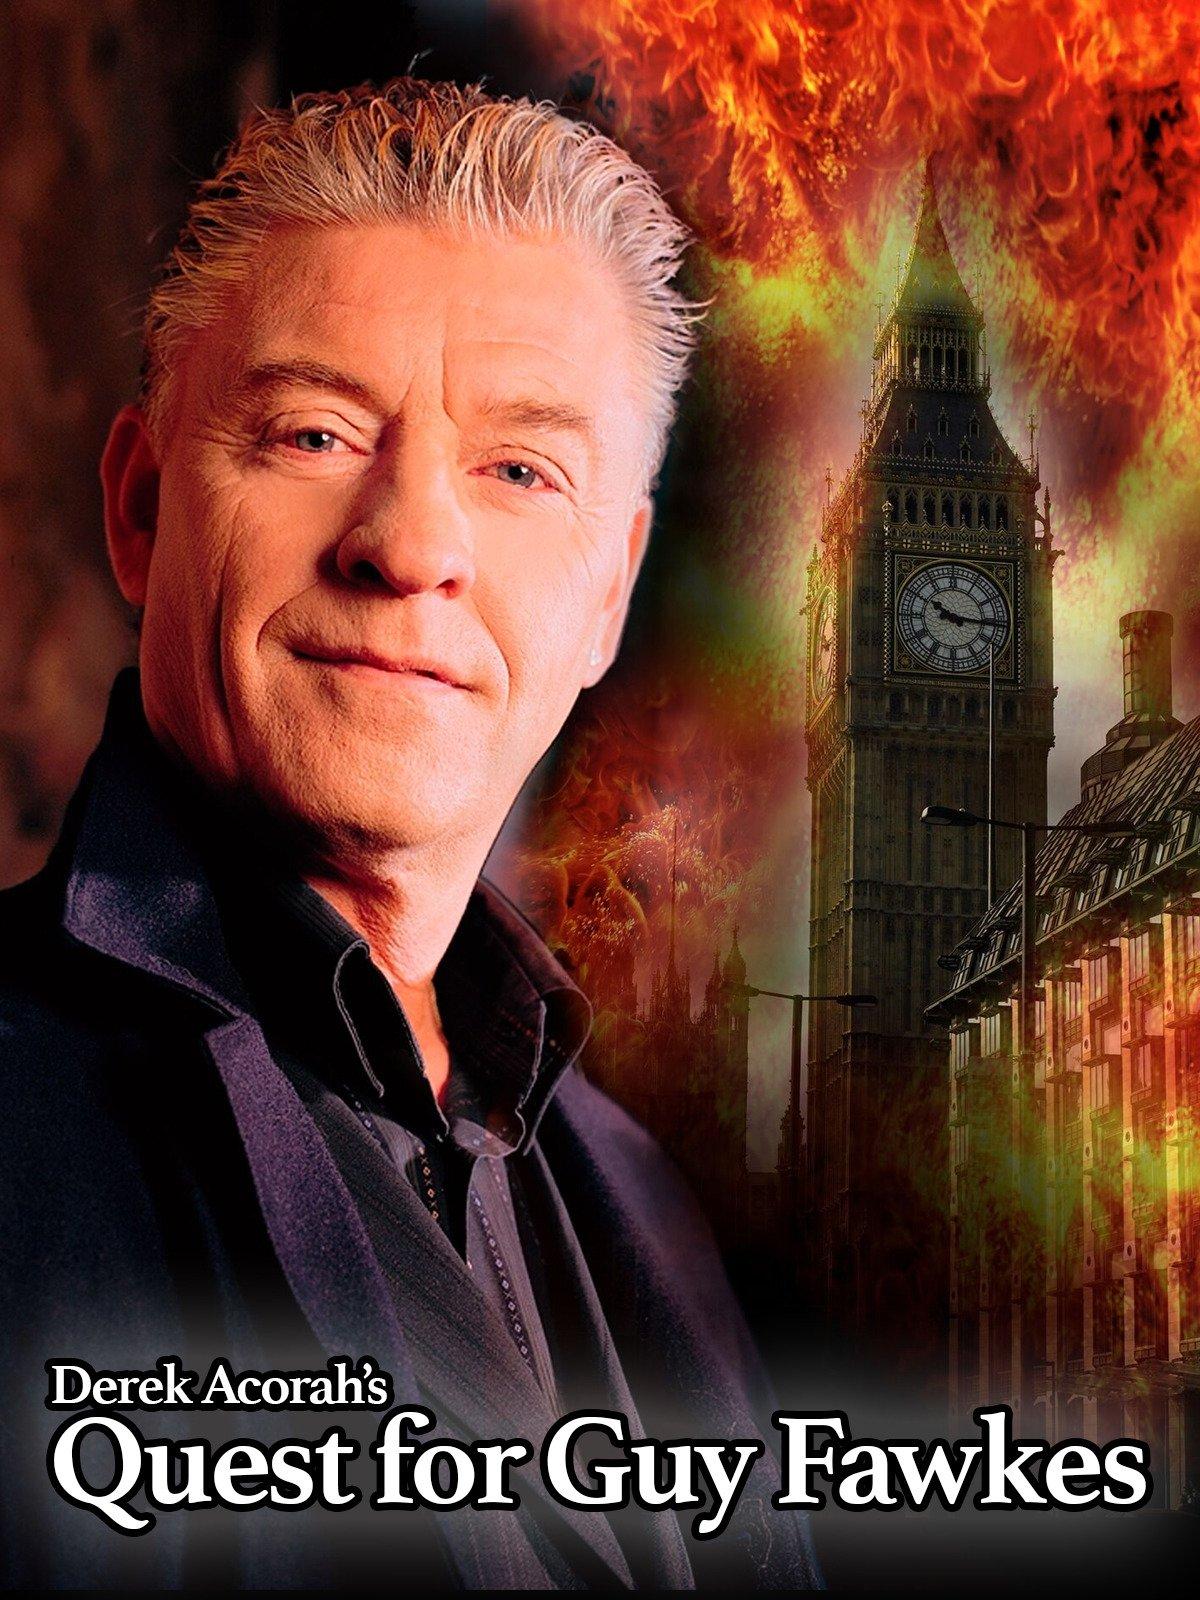 Derek Acorah's Quest for Guy Fawkes